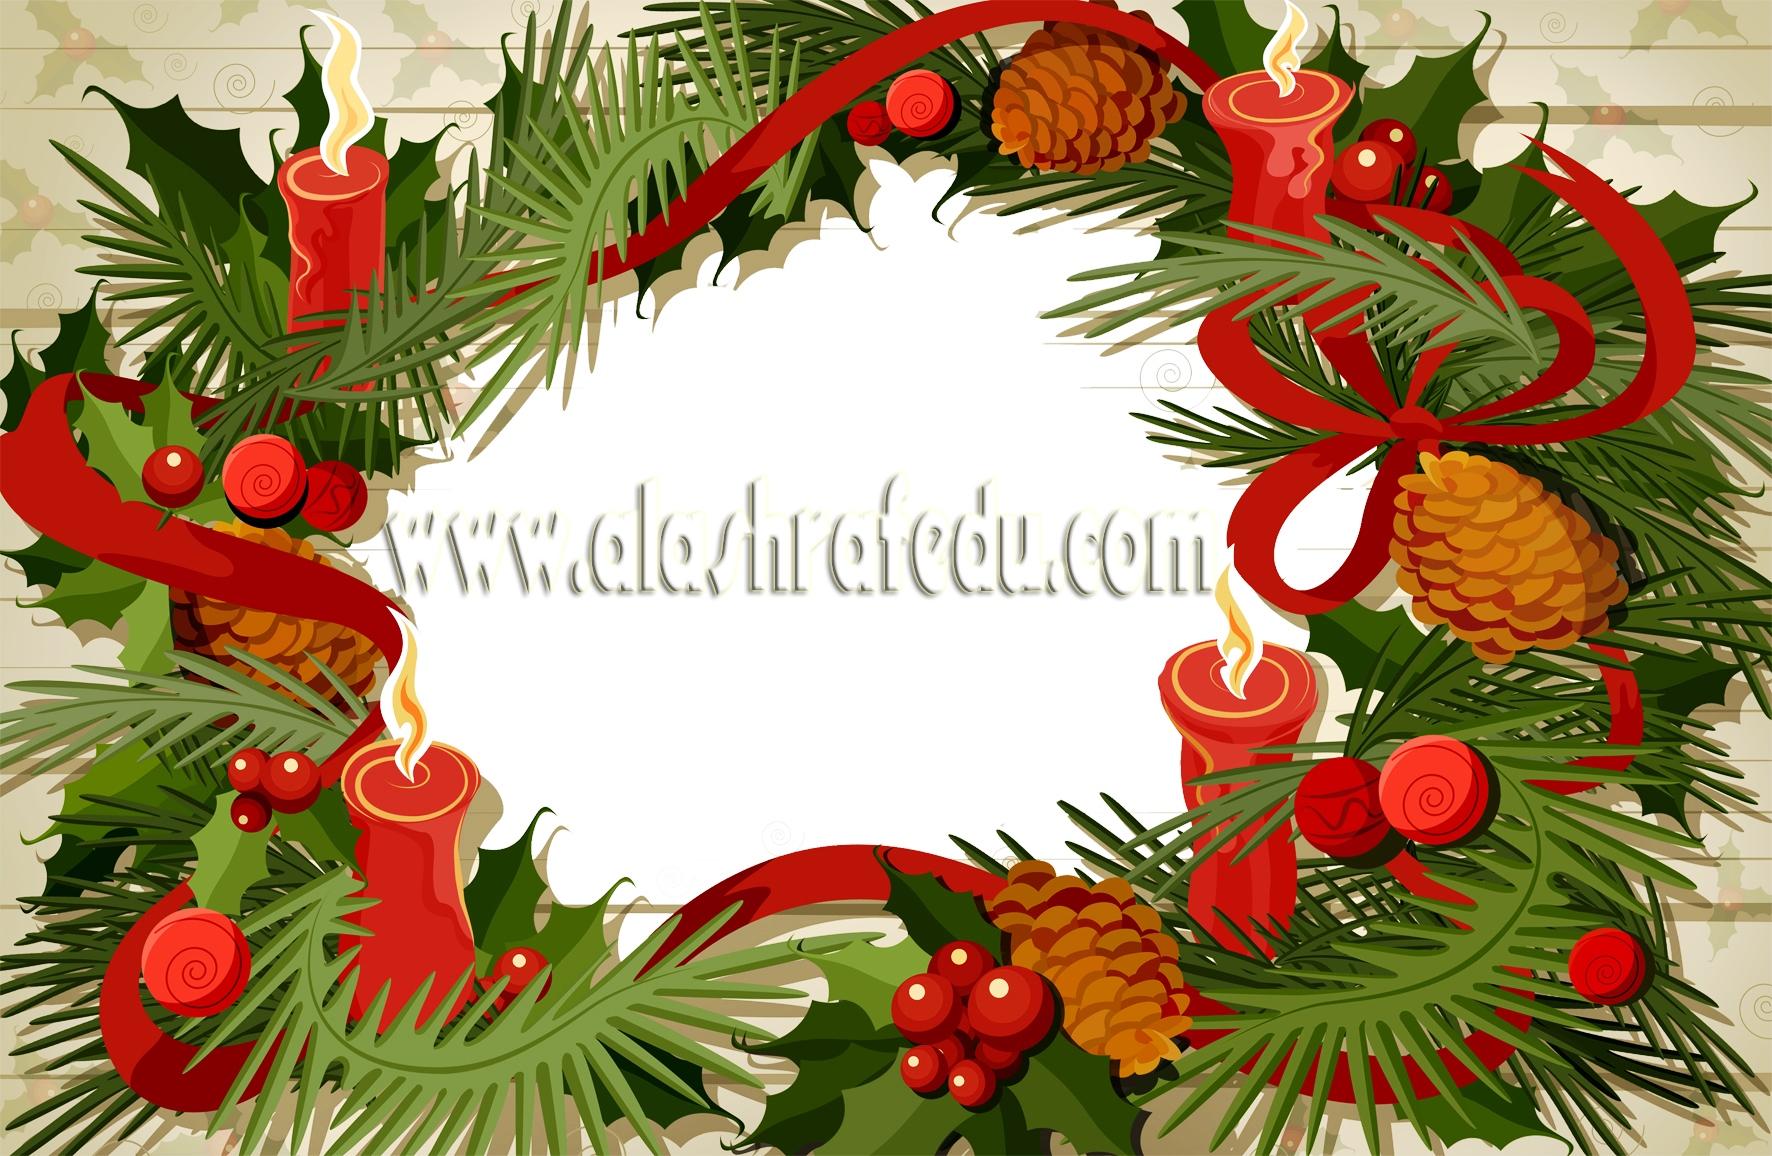 Christmas Transparent Frame 2019 www.alashrafedu.com1